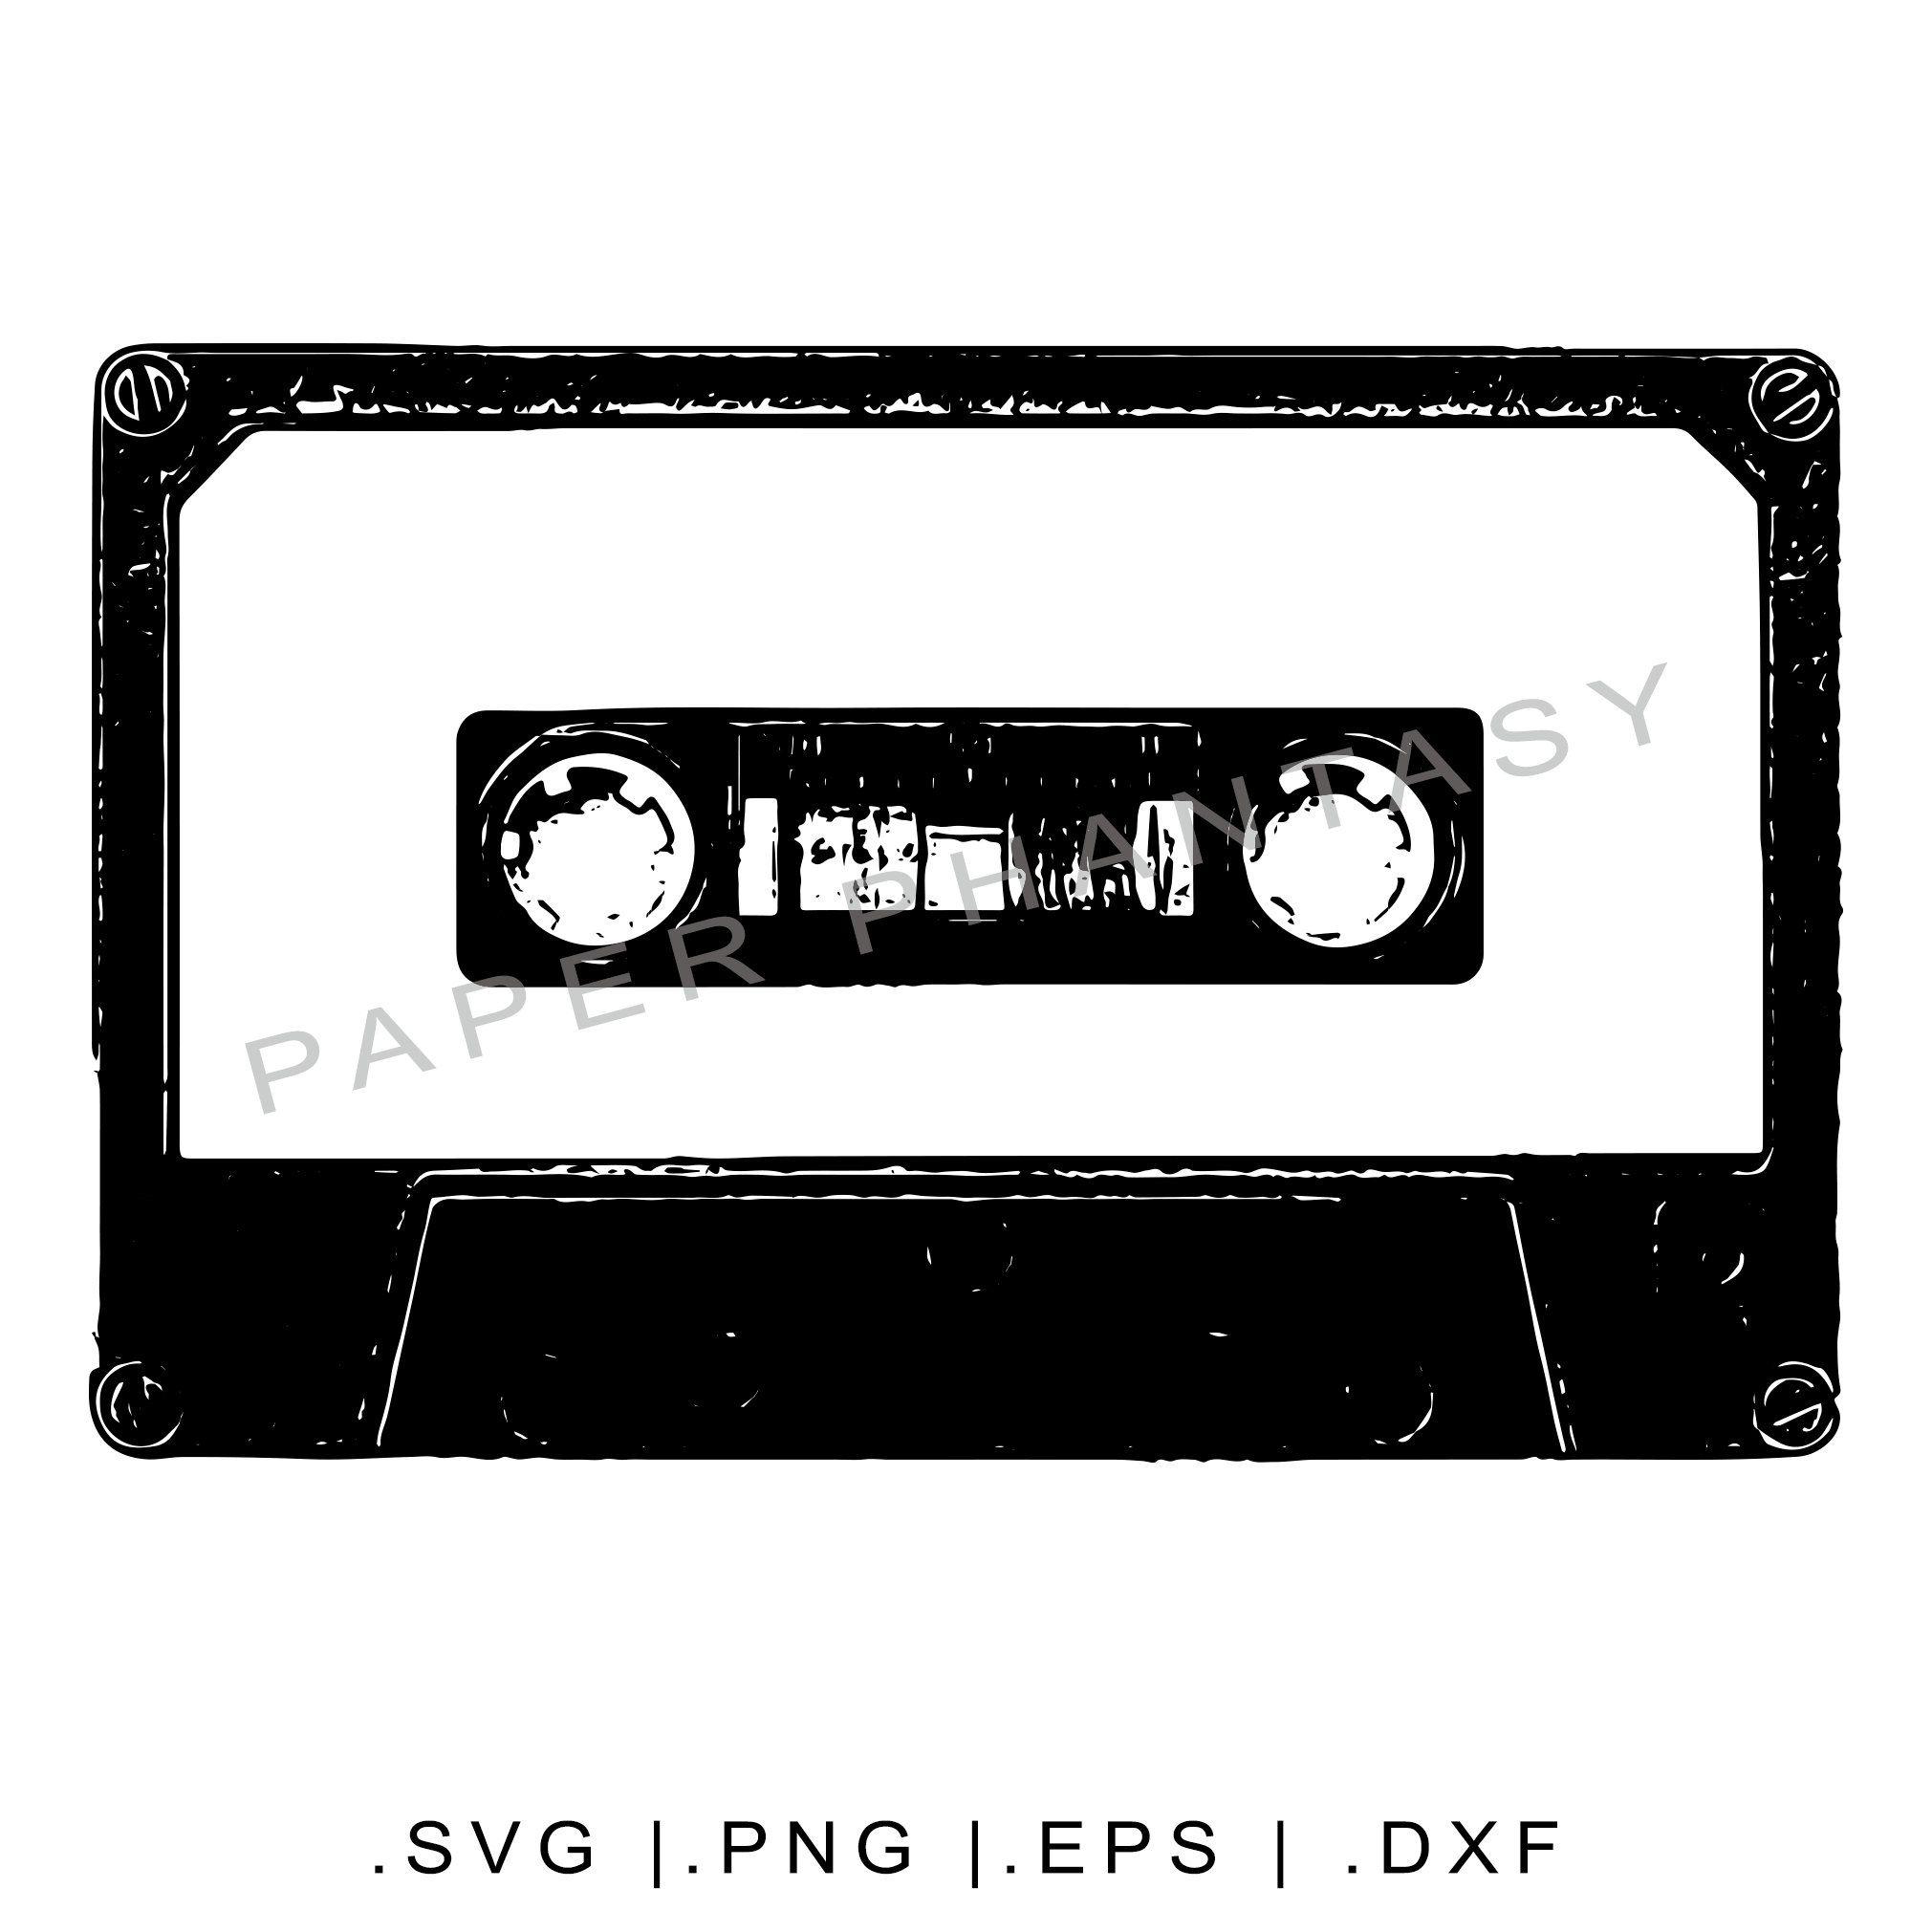 Grunge Cassette Tape SVG Vintage Realistic File For T